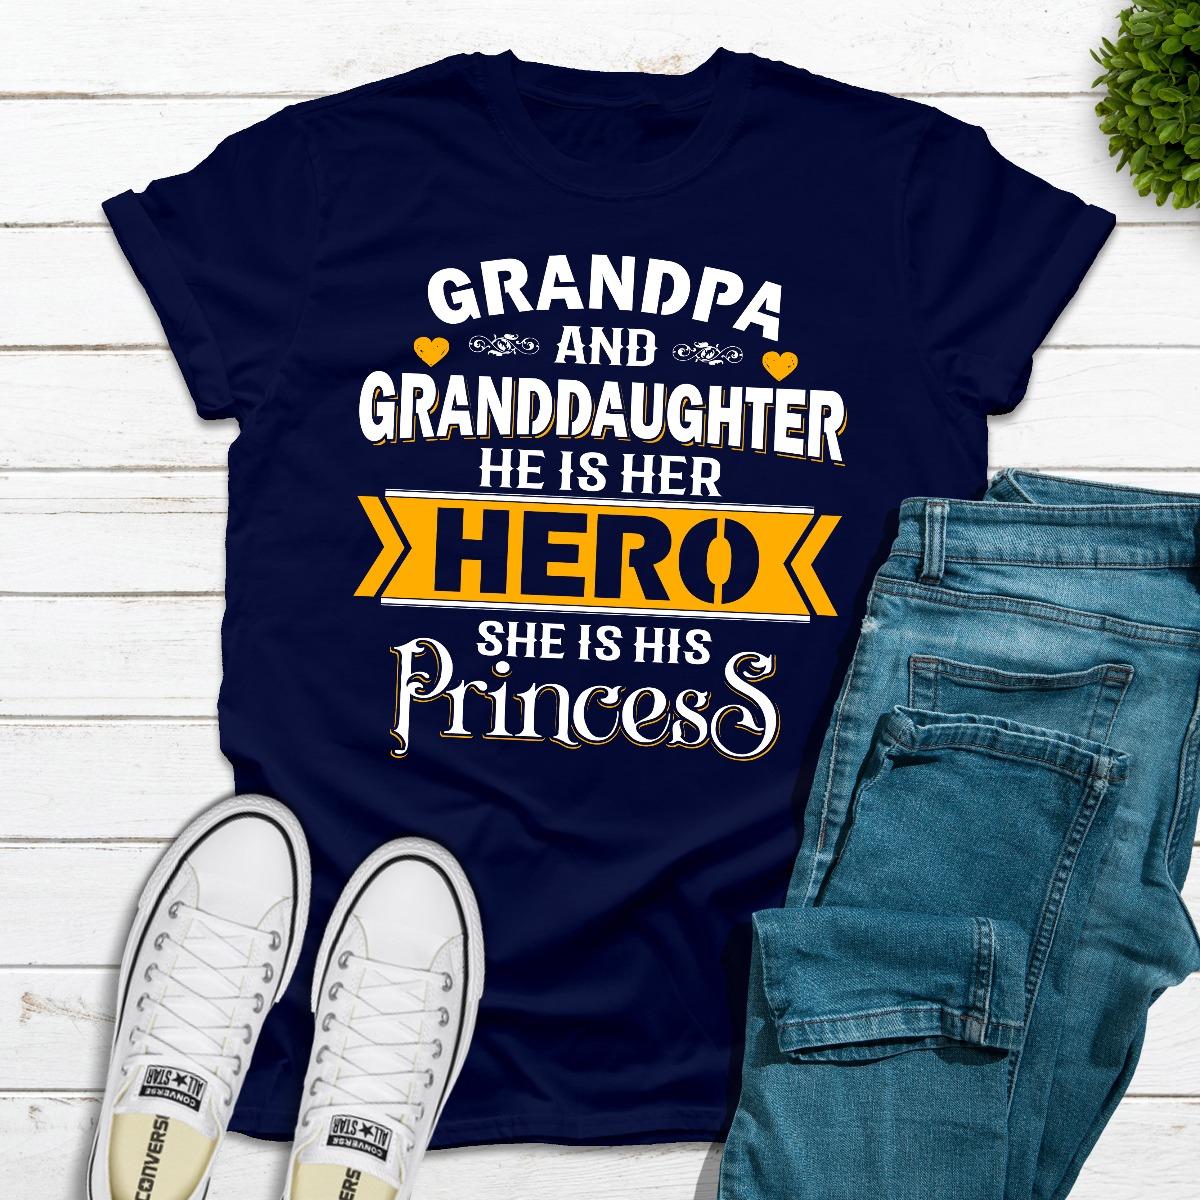 Grandpa & Granddaughter (Navy / Xl)